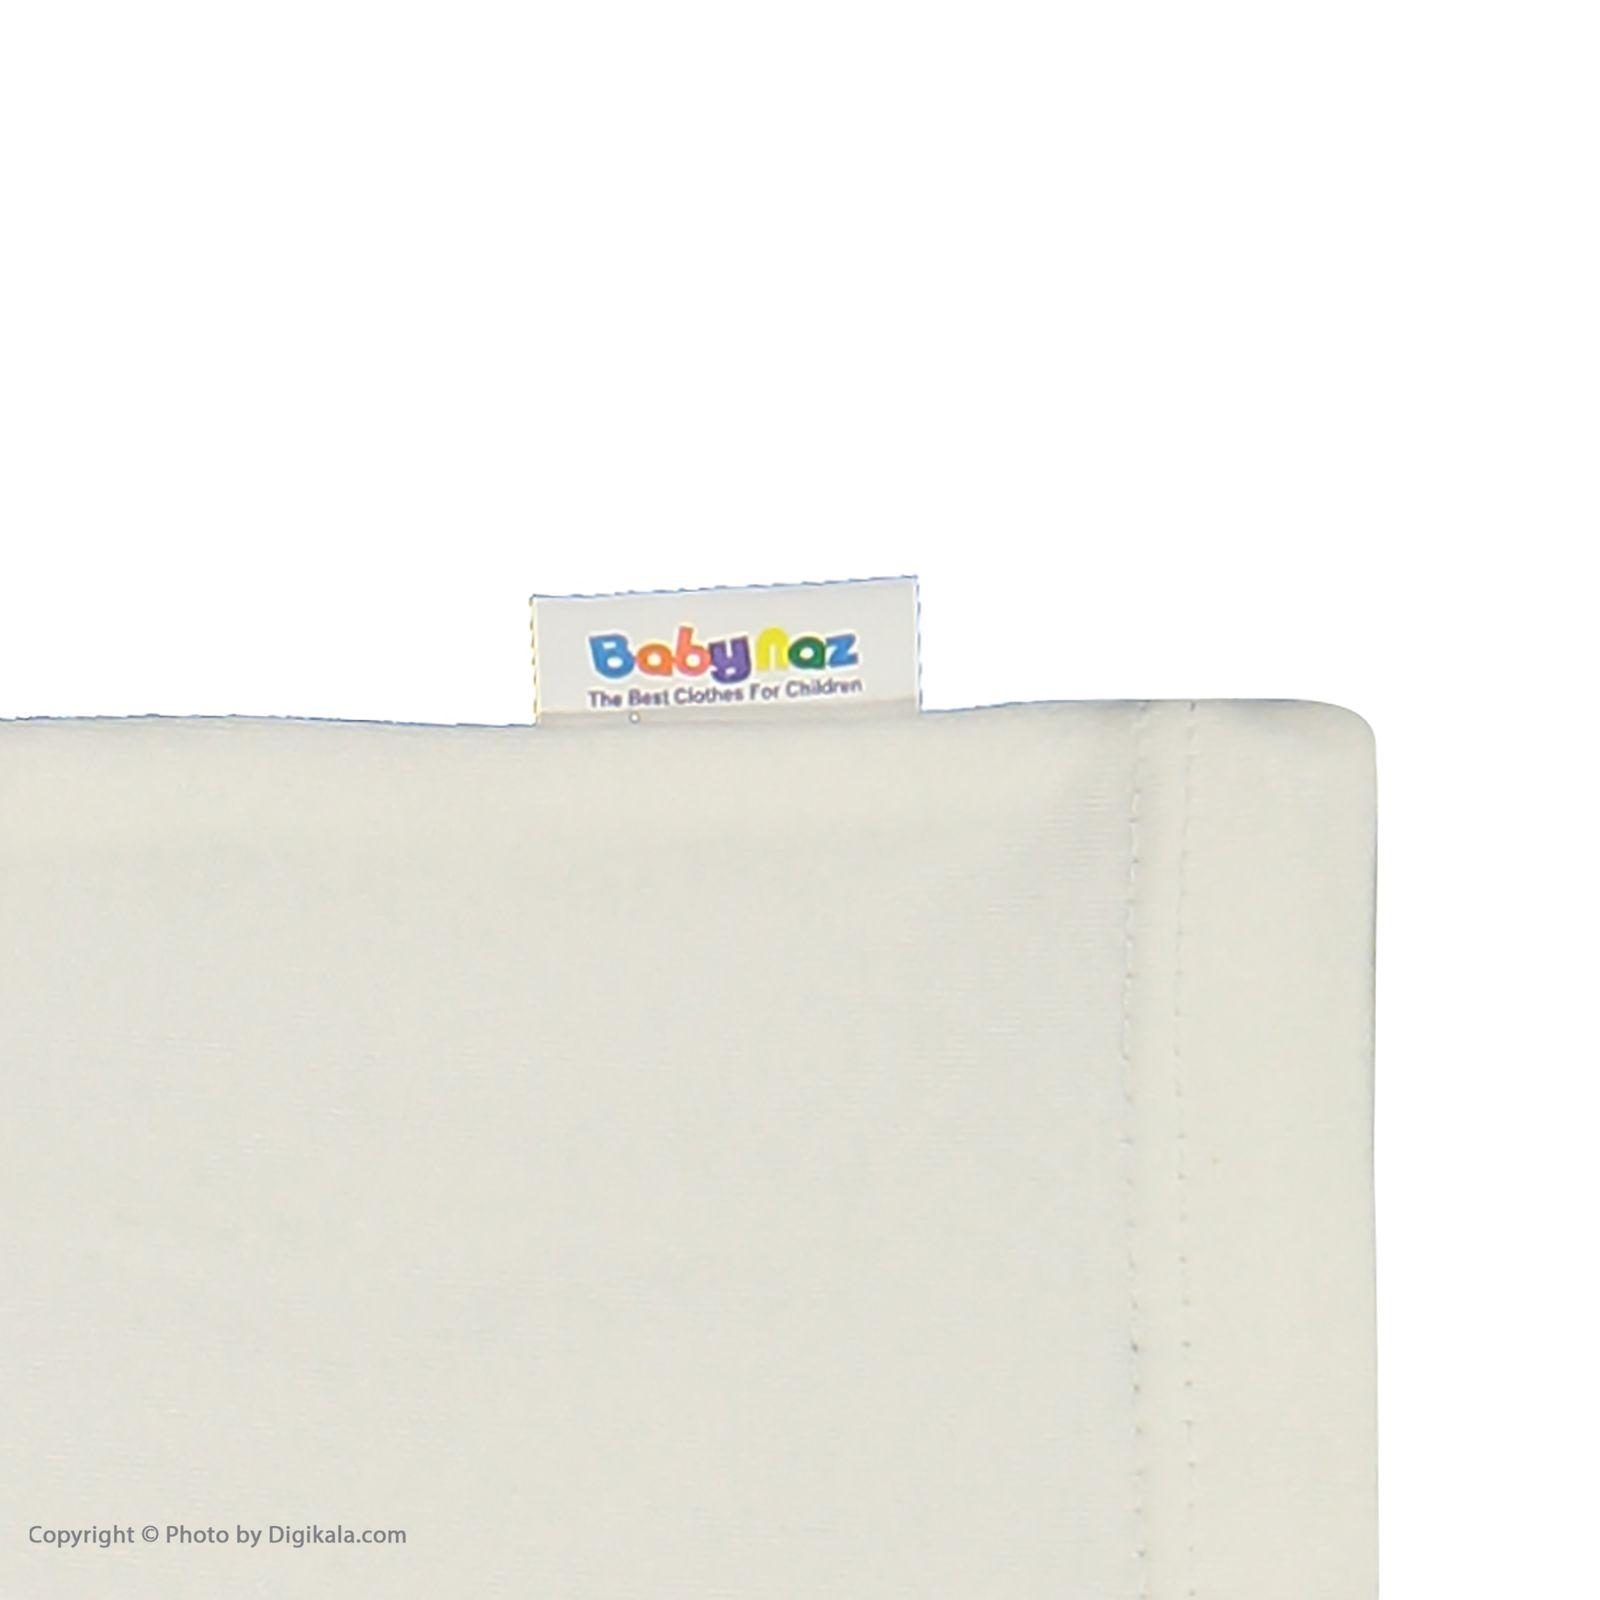 ست سرهمی و تی شرت نوزادی بی بی ناز مدل 1501492-0193 - سفید طوسی - 11